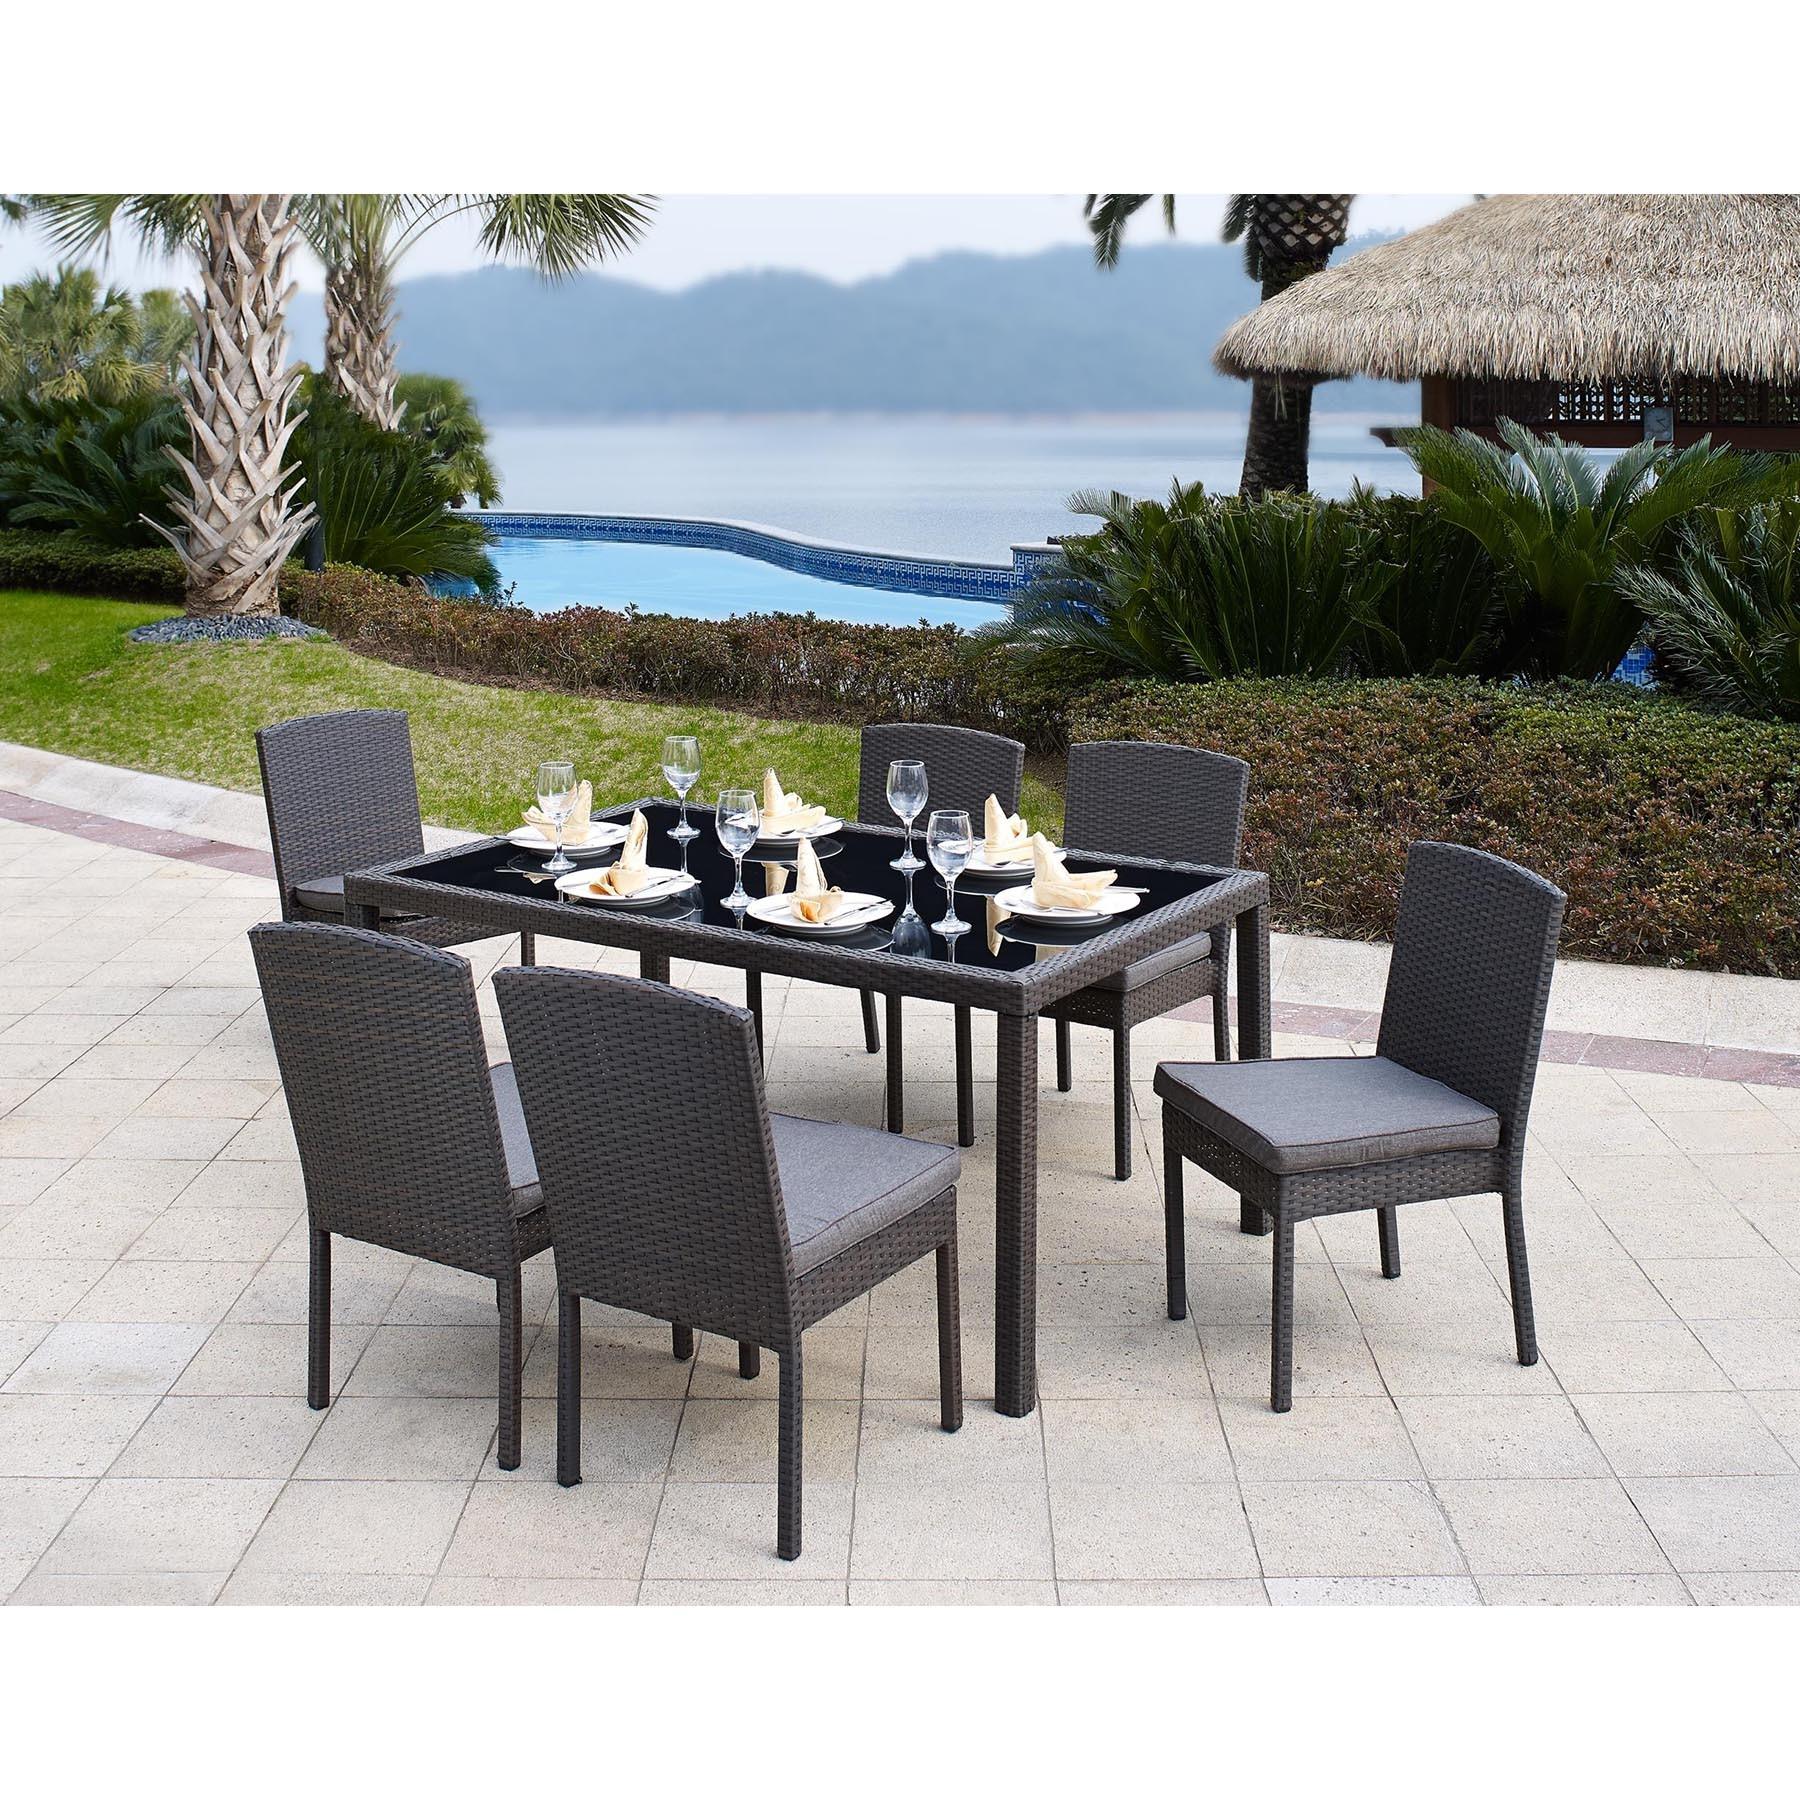 salon de jardin geant luxe photos salon de jardin geant. Black Bedroom Furniture Sets. Home Design Ideas